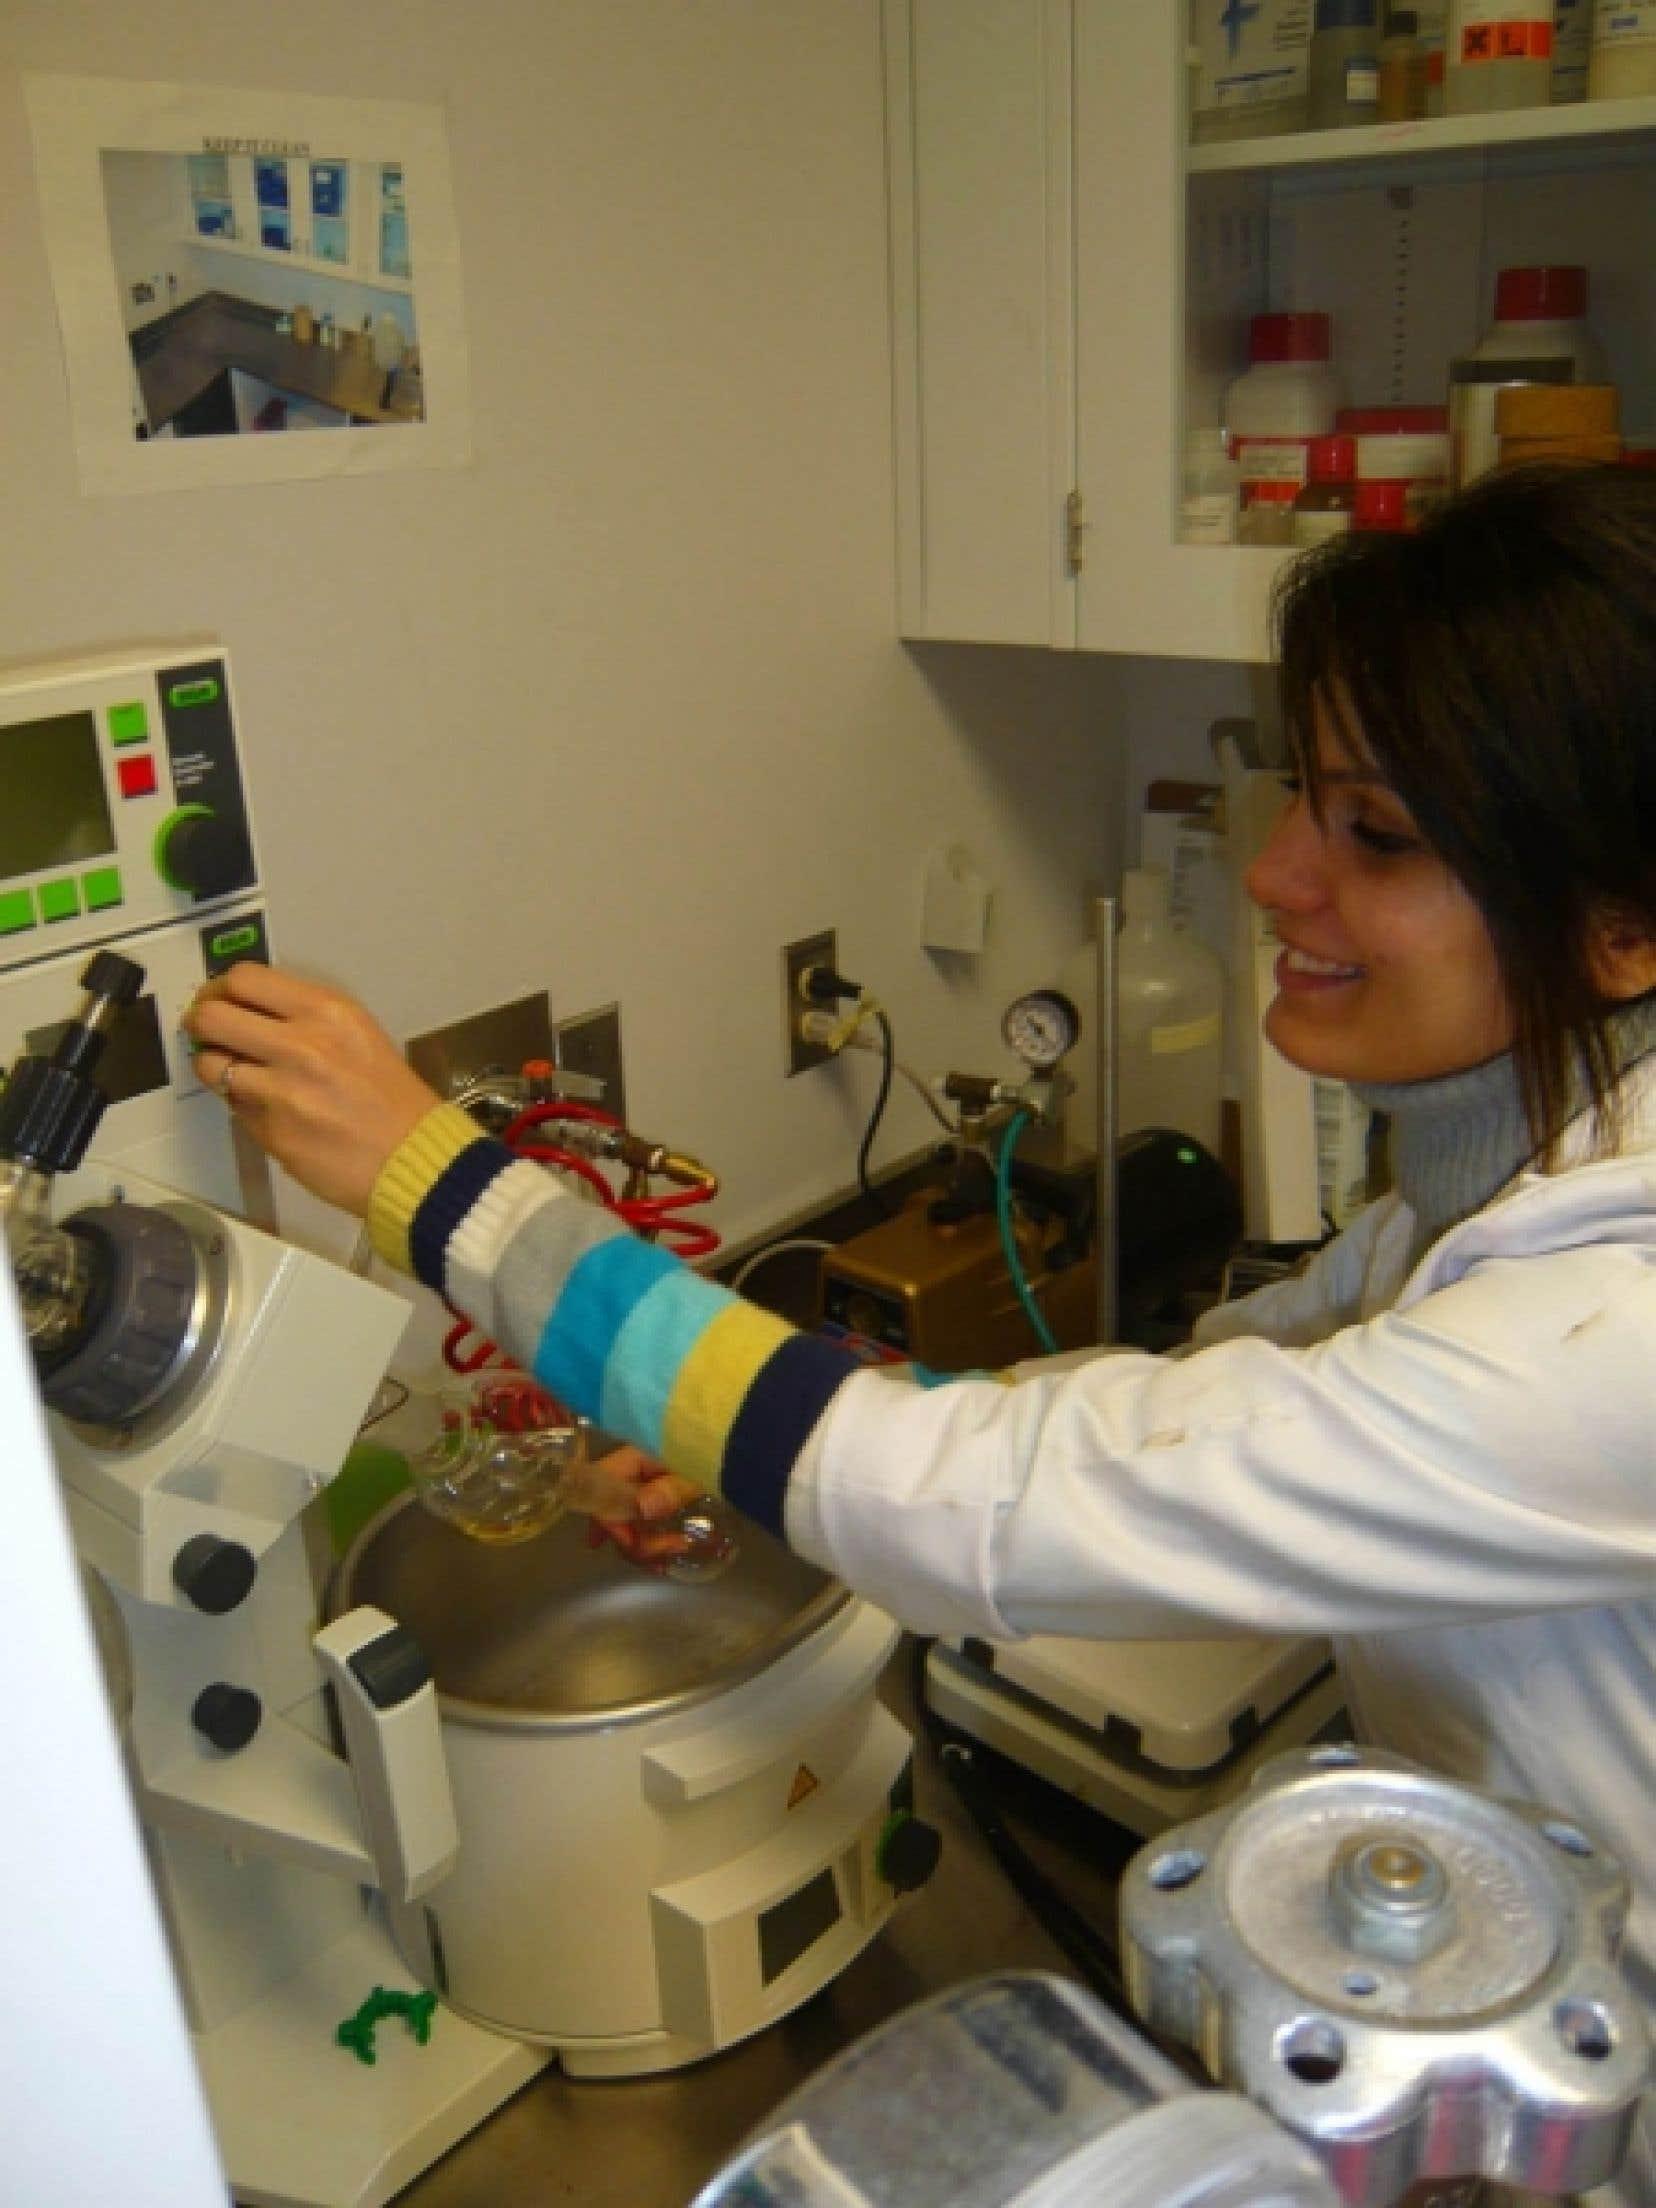 Le laboratoire de nanorobotique attire des chercheurs issus de l'extérieur du pays. C'est le cas de Samira Taherkhani, arrivée de l'Iran l'an dernier pour faire son doctorat avec le professeur Sylvain Martel.